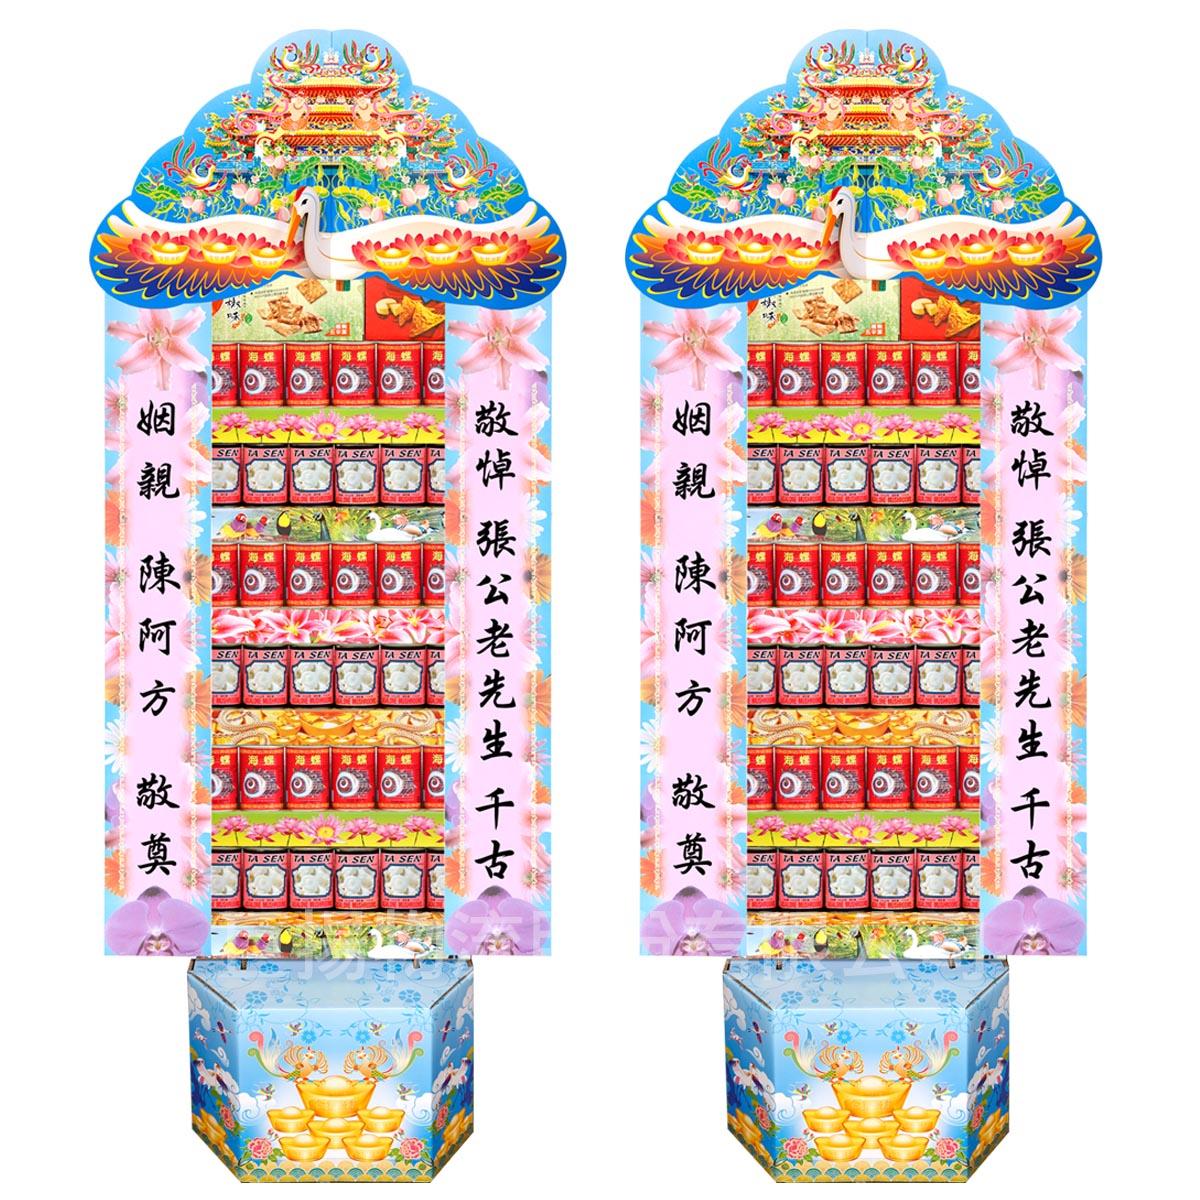 喪禮用罐頭塔-螺肉鮑魚菇6x6 綜合禮籃